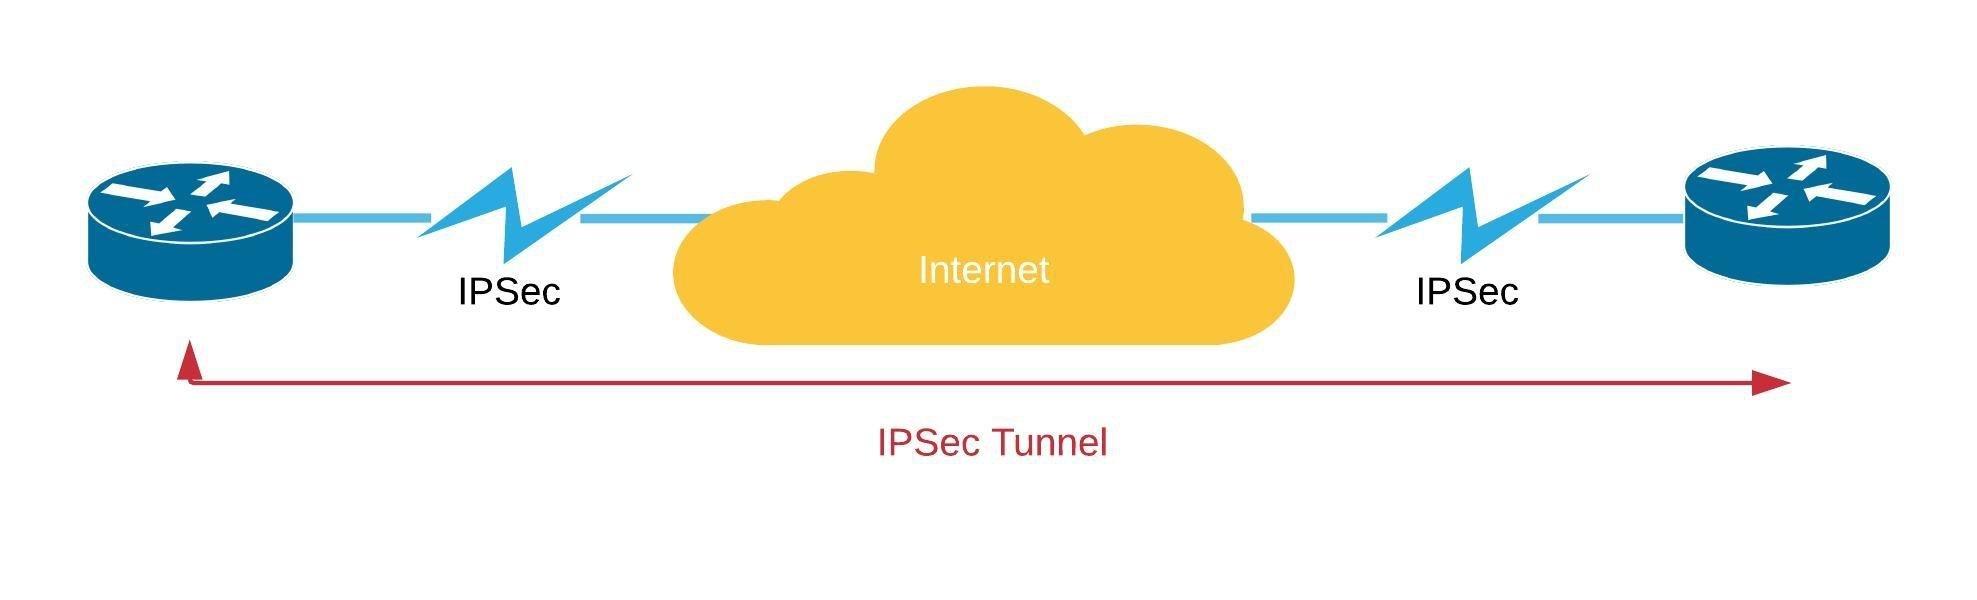 SD WAN over MPLS IPSec